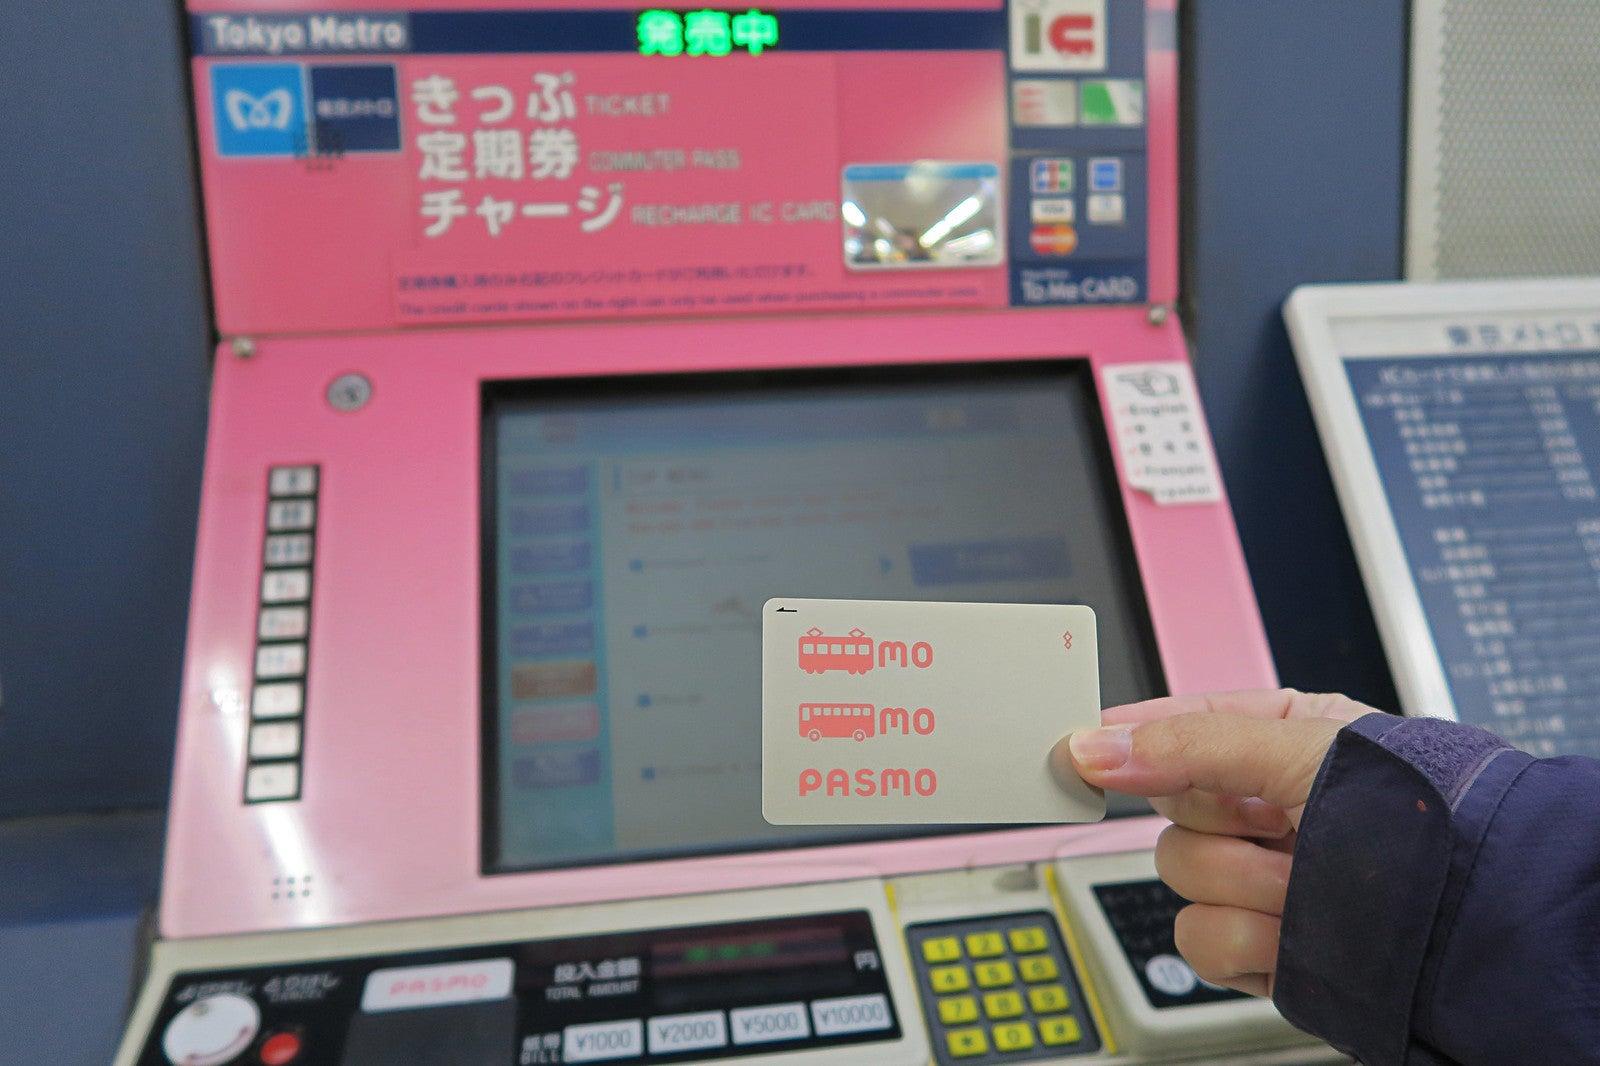 券 定期 東京 払い戻し メトロ